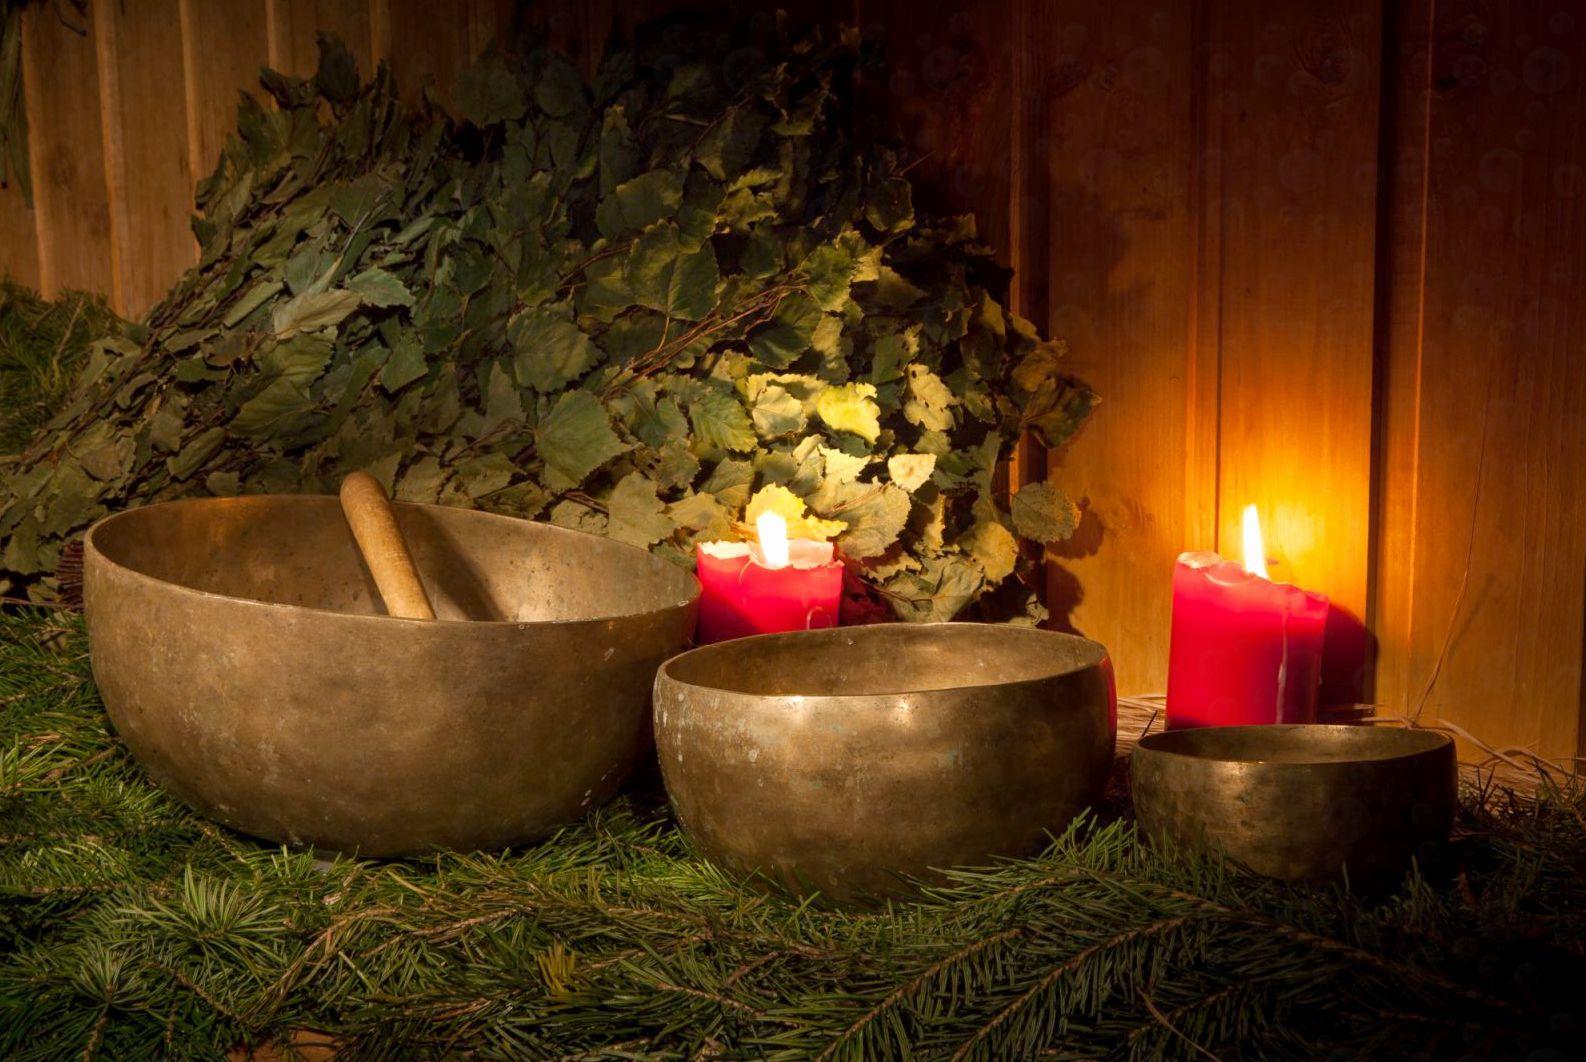 Гадание в бане на рождество